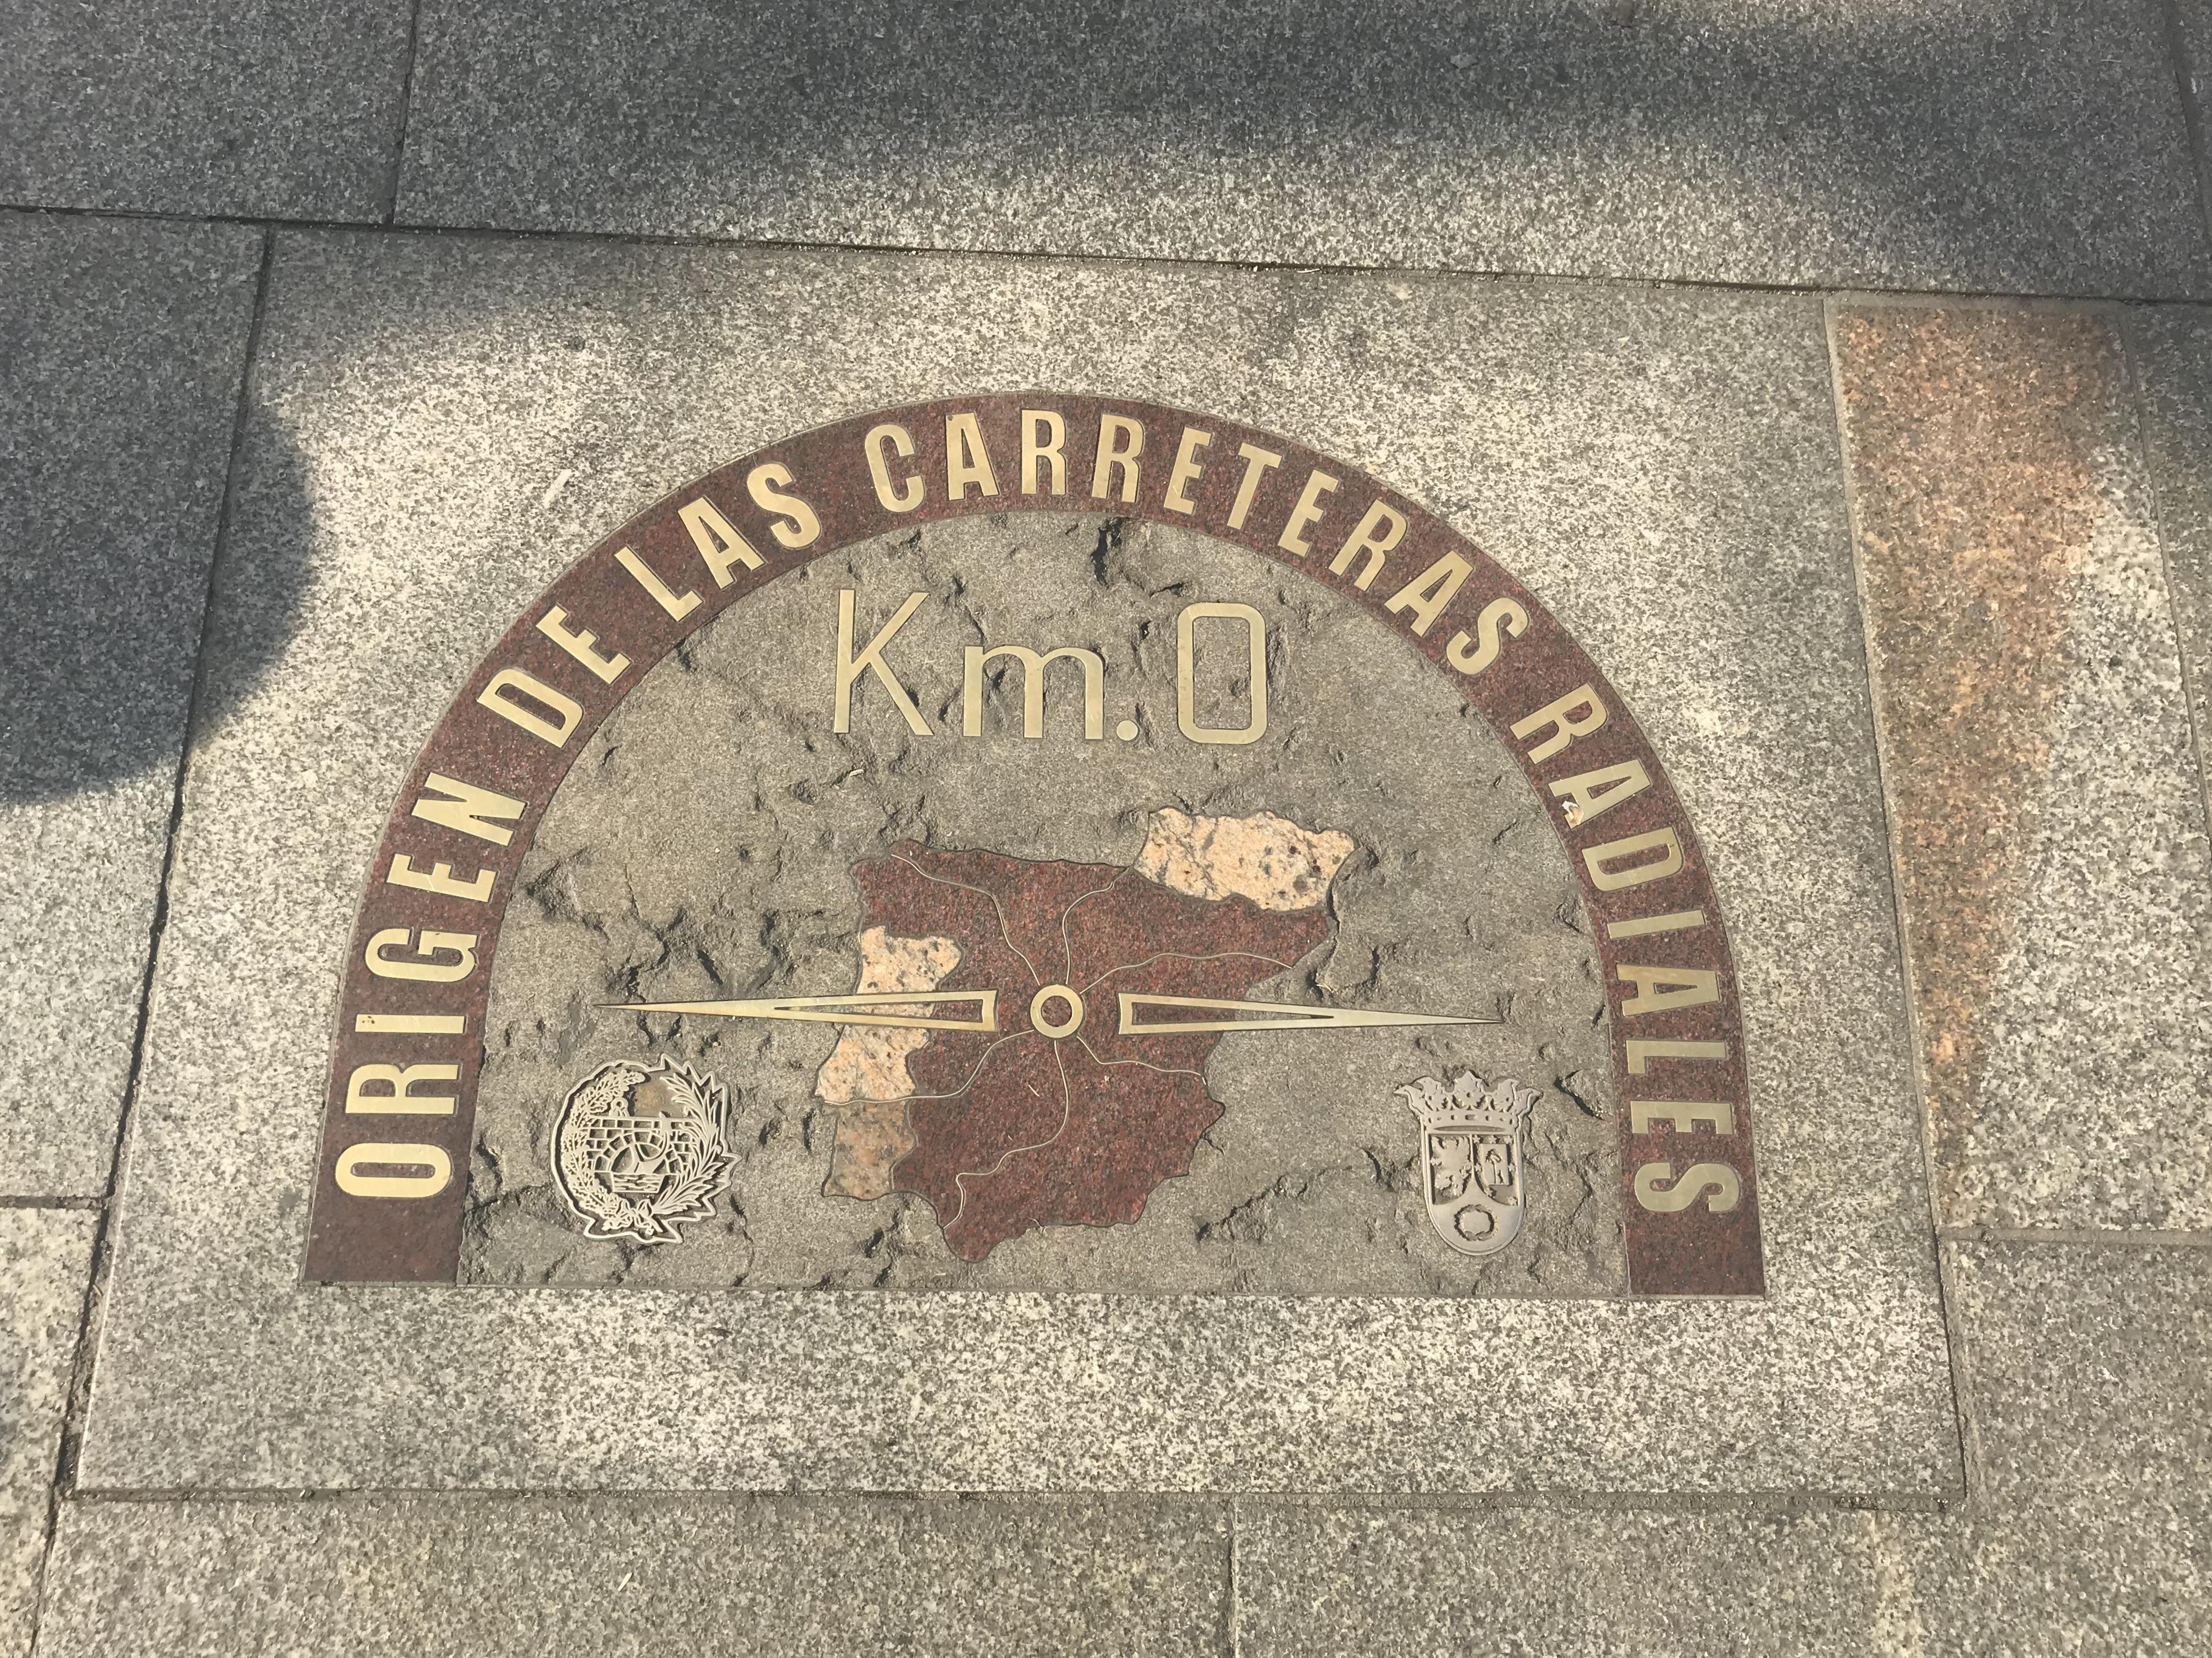 Puerta del Sol Madrid - chilometro 0 - aspassoperlaspagna.it